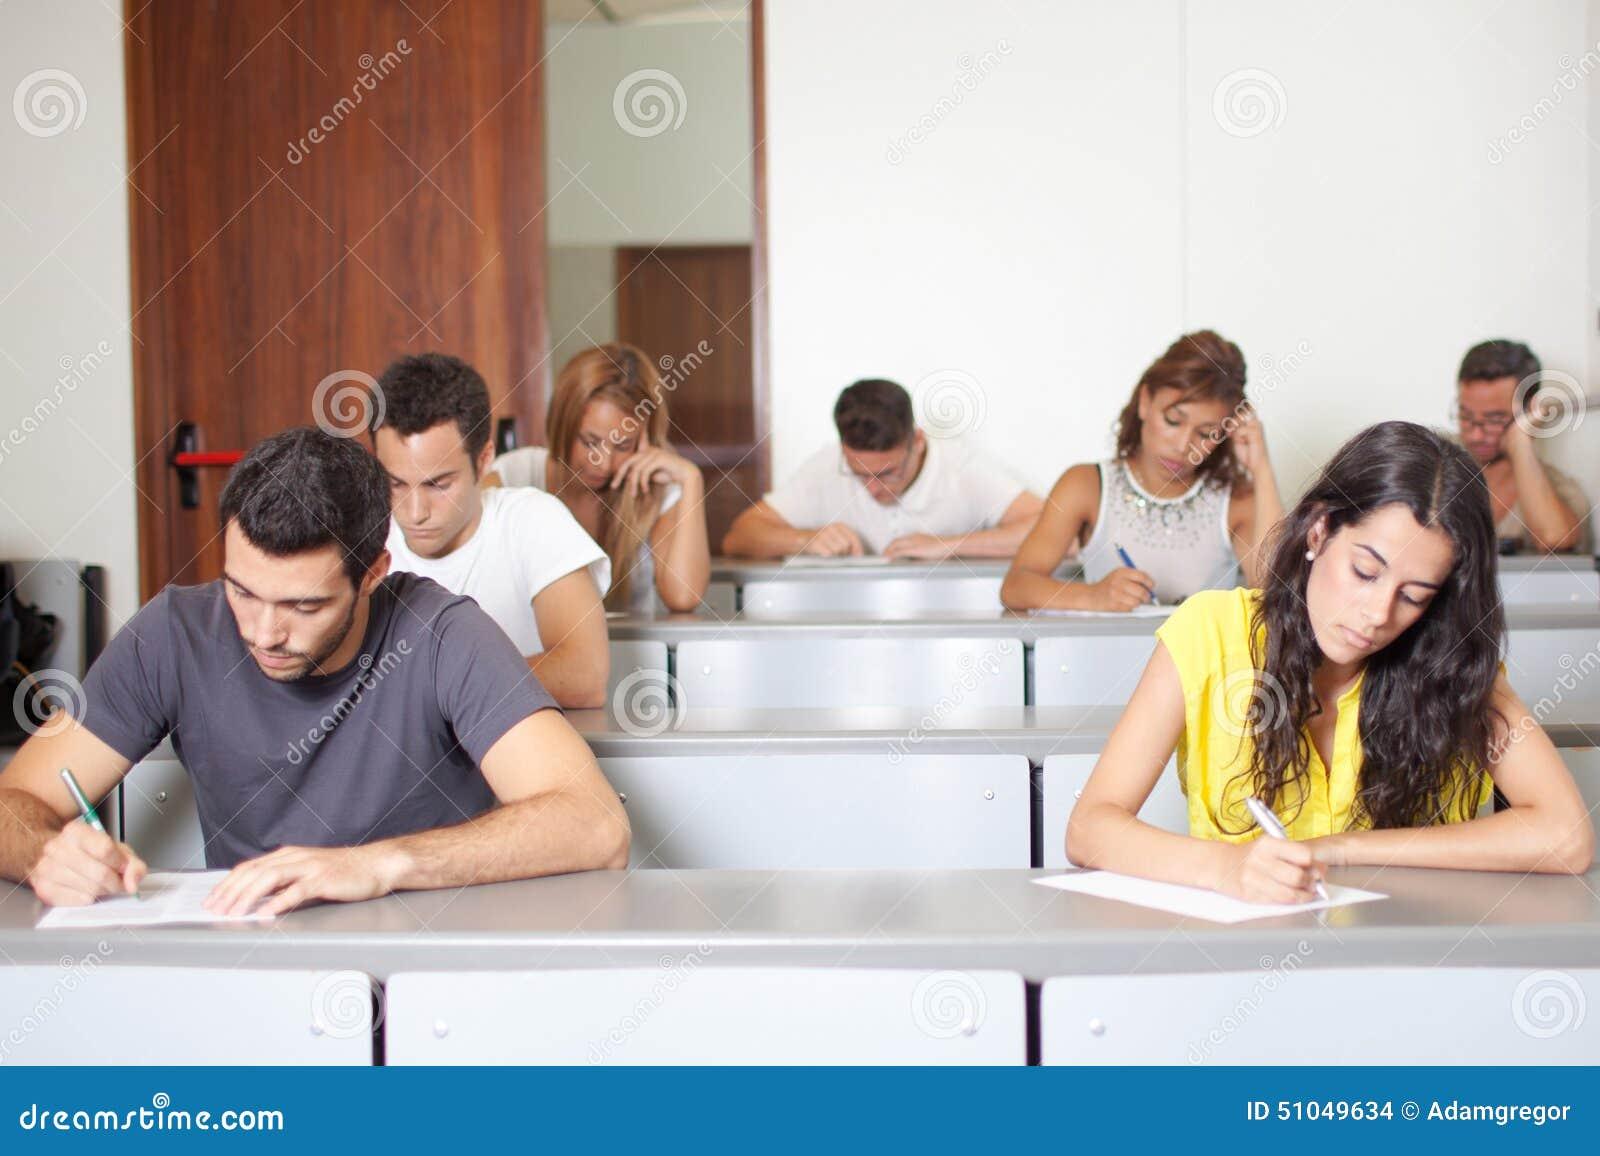 Studenten, Die Prüfung Schreiben Stockfoto - Bild von schreiben ...